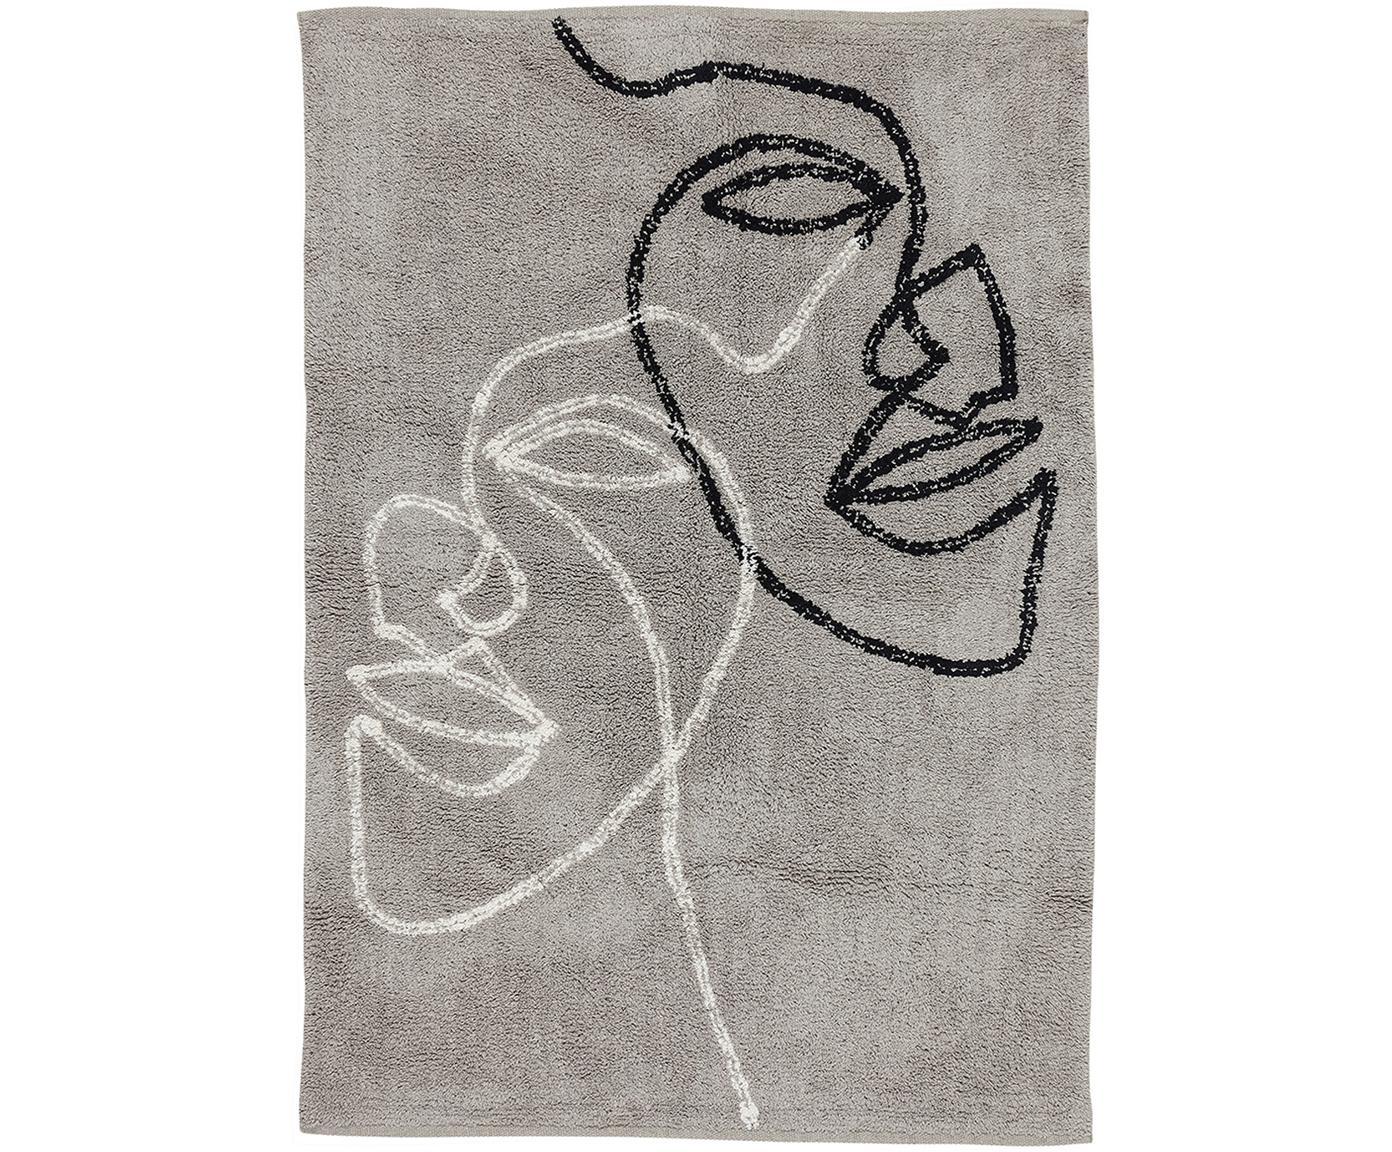 Katoenen vloerkleed Visage met abstracte one line tekening, Biokatoen, Grijs, zwart, wit, B 90 x L 120 cm (maat S)